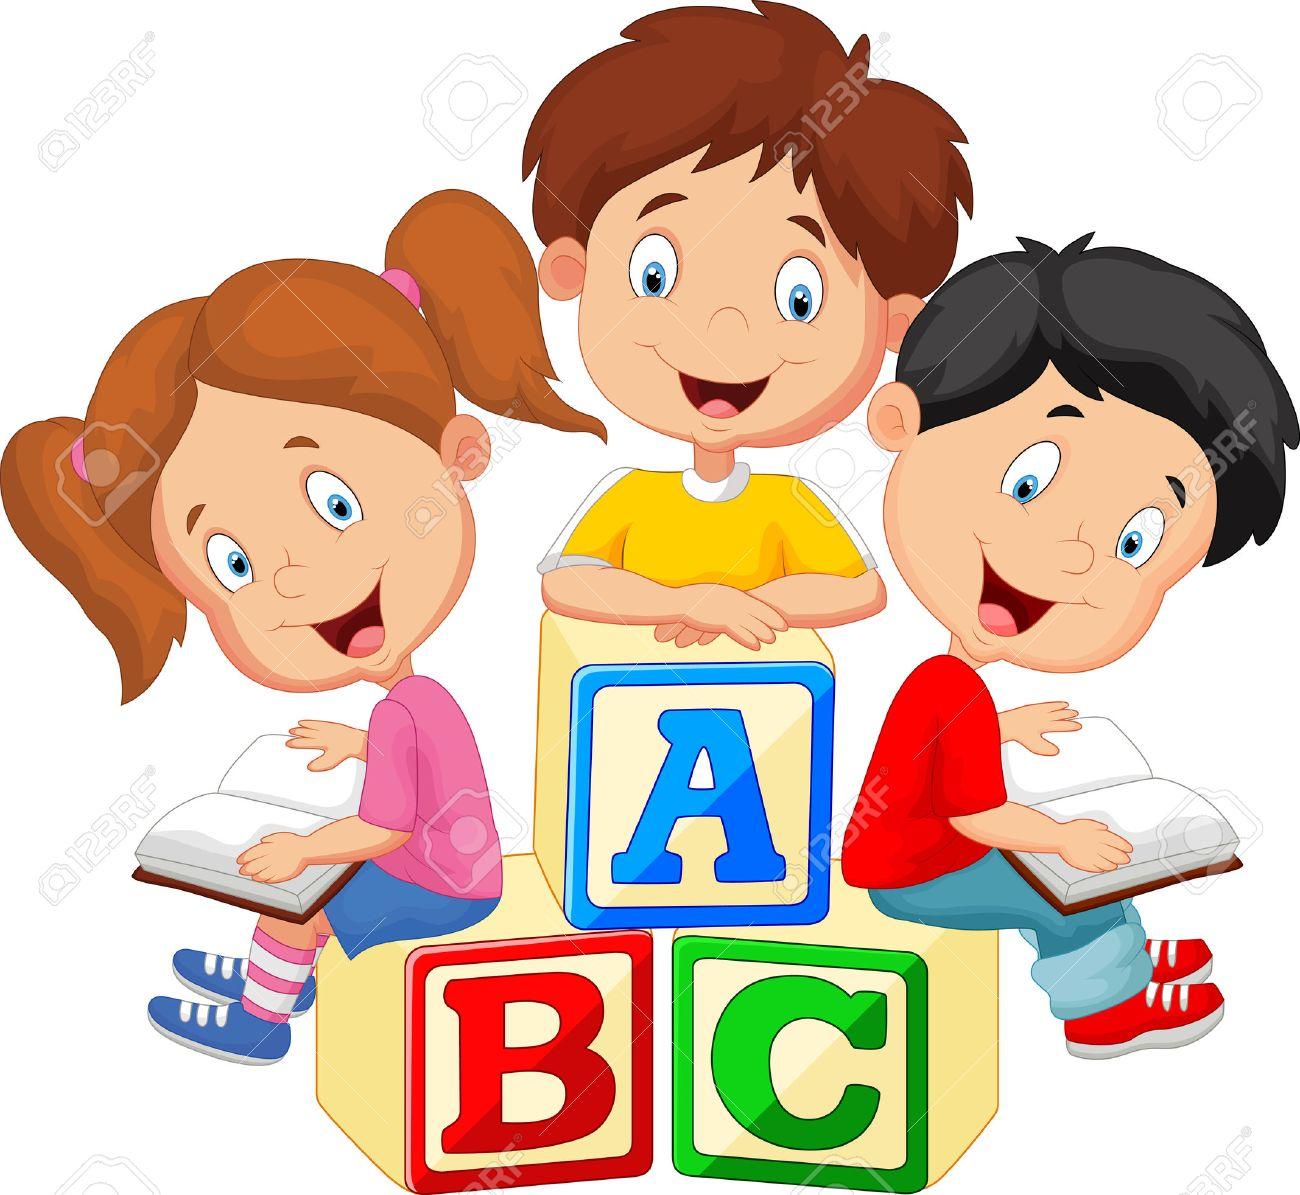 Dessin Anime Pour Enfants Livre De Lecture Et Assis Sur Des Blocs De L Alphabet